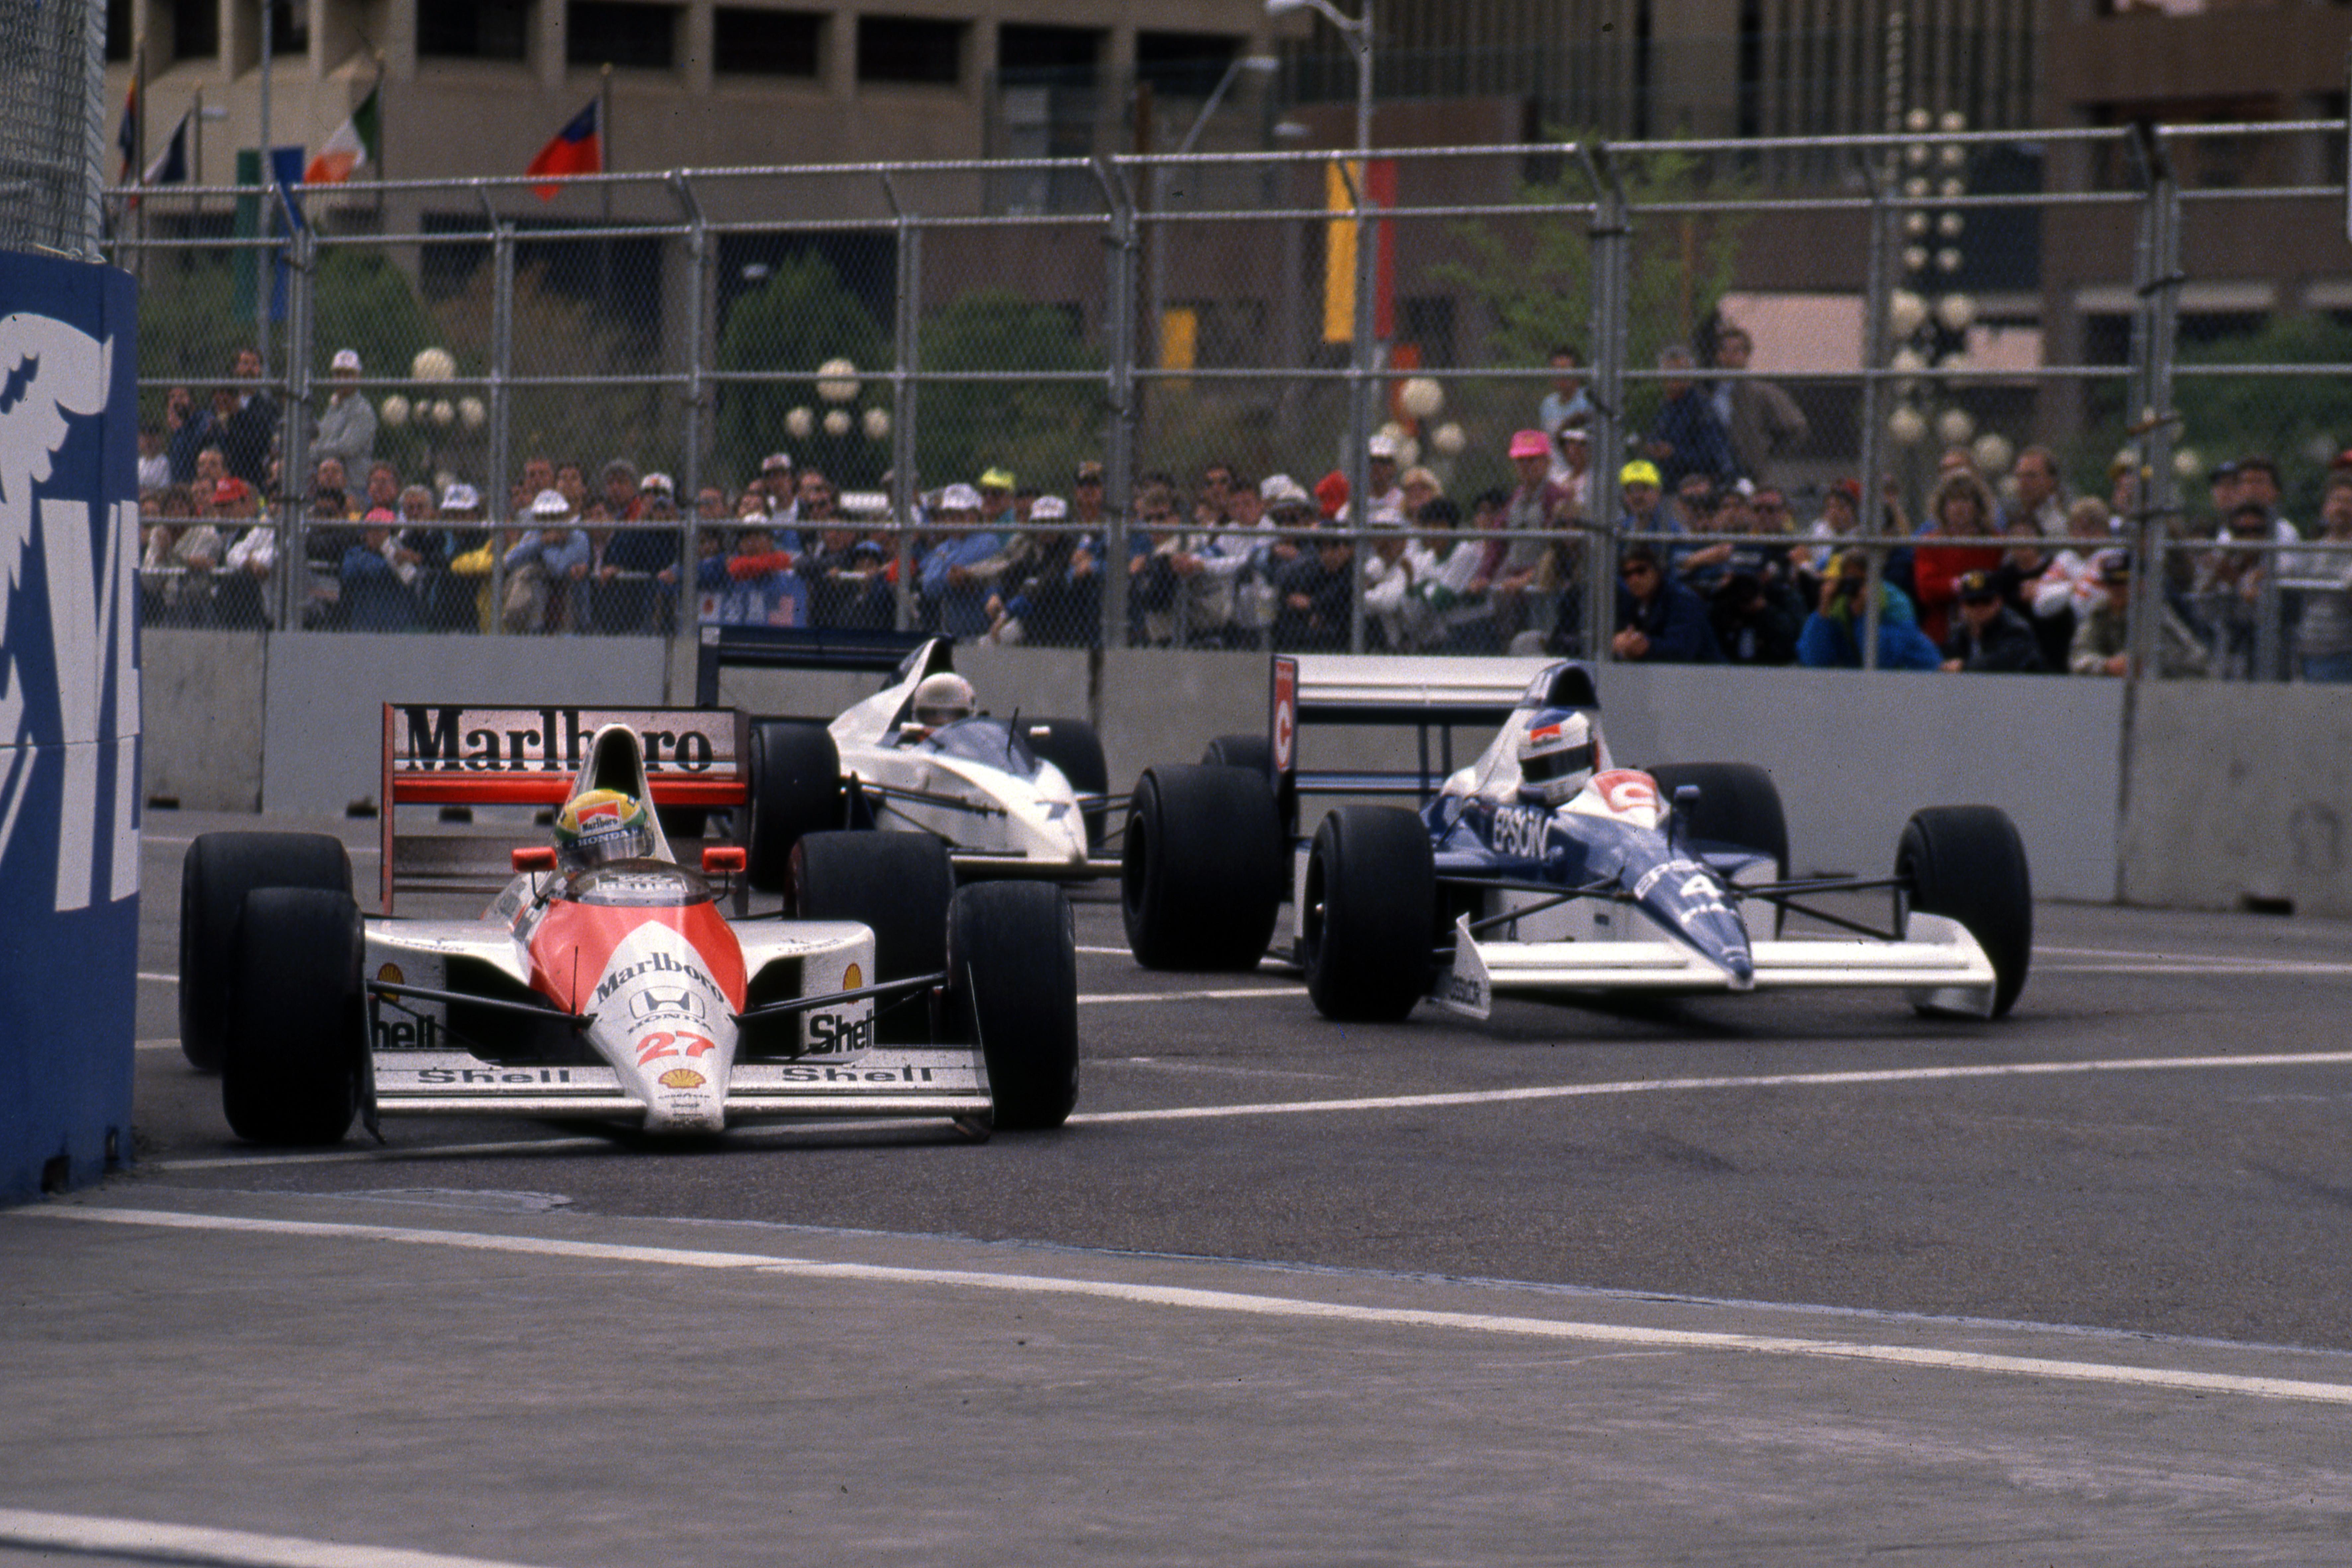 Usa Grand Prix Phoenix (usa) 09 11 03 1990